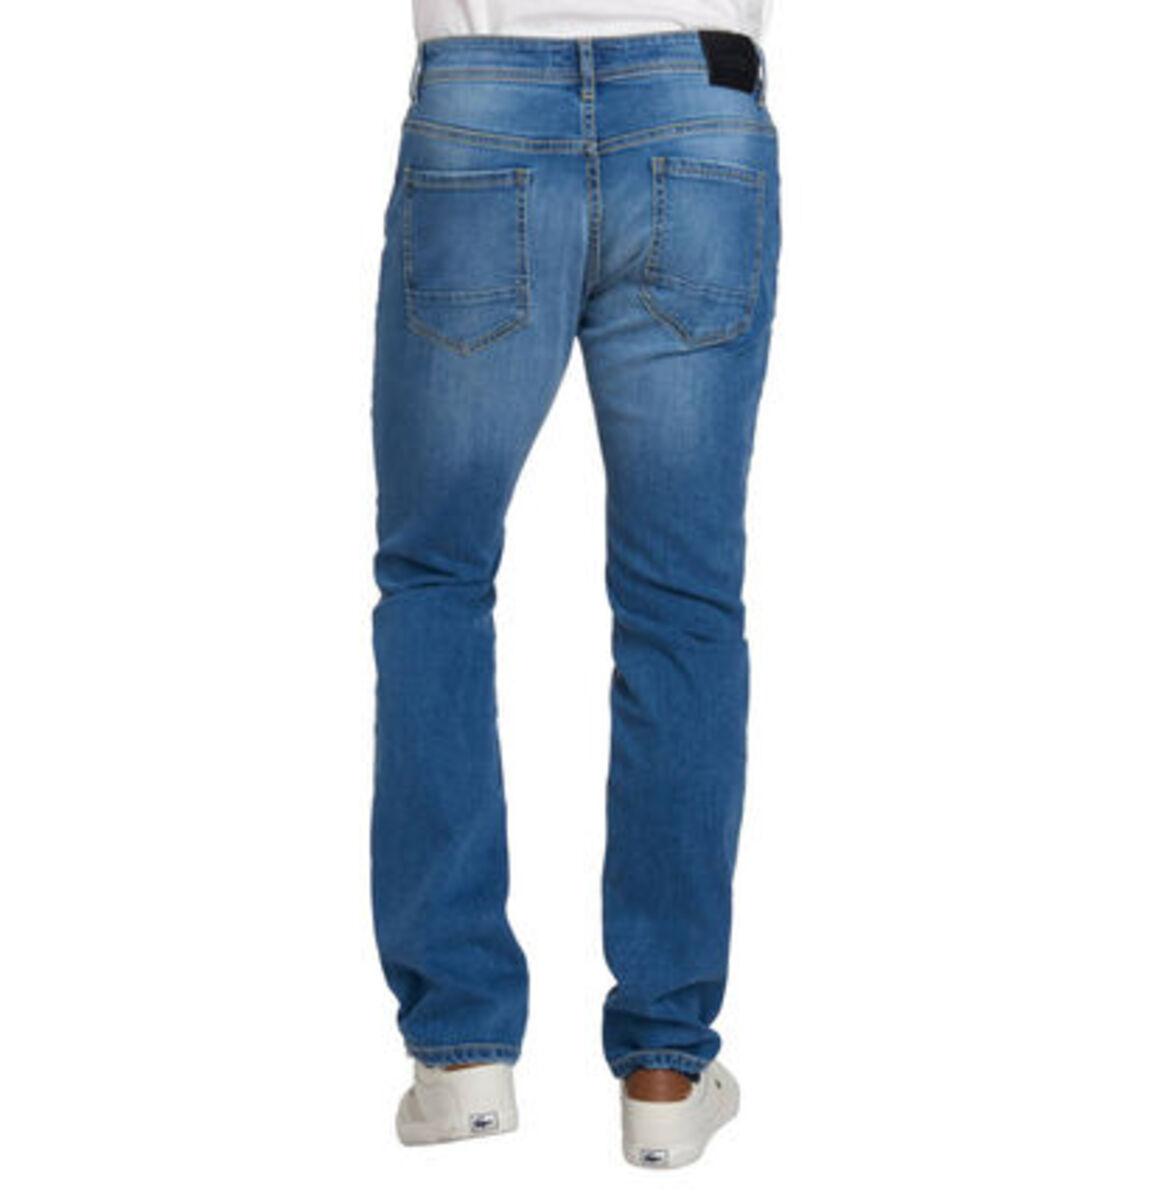 Bild 3 von manguun Herren Jeans, Slim Fit, Baumwolle, Destroyed Denim